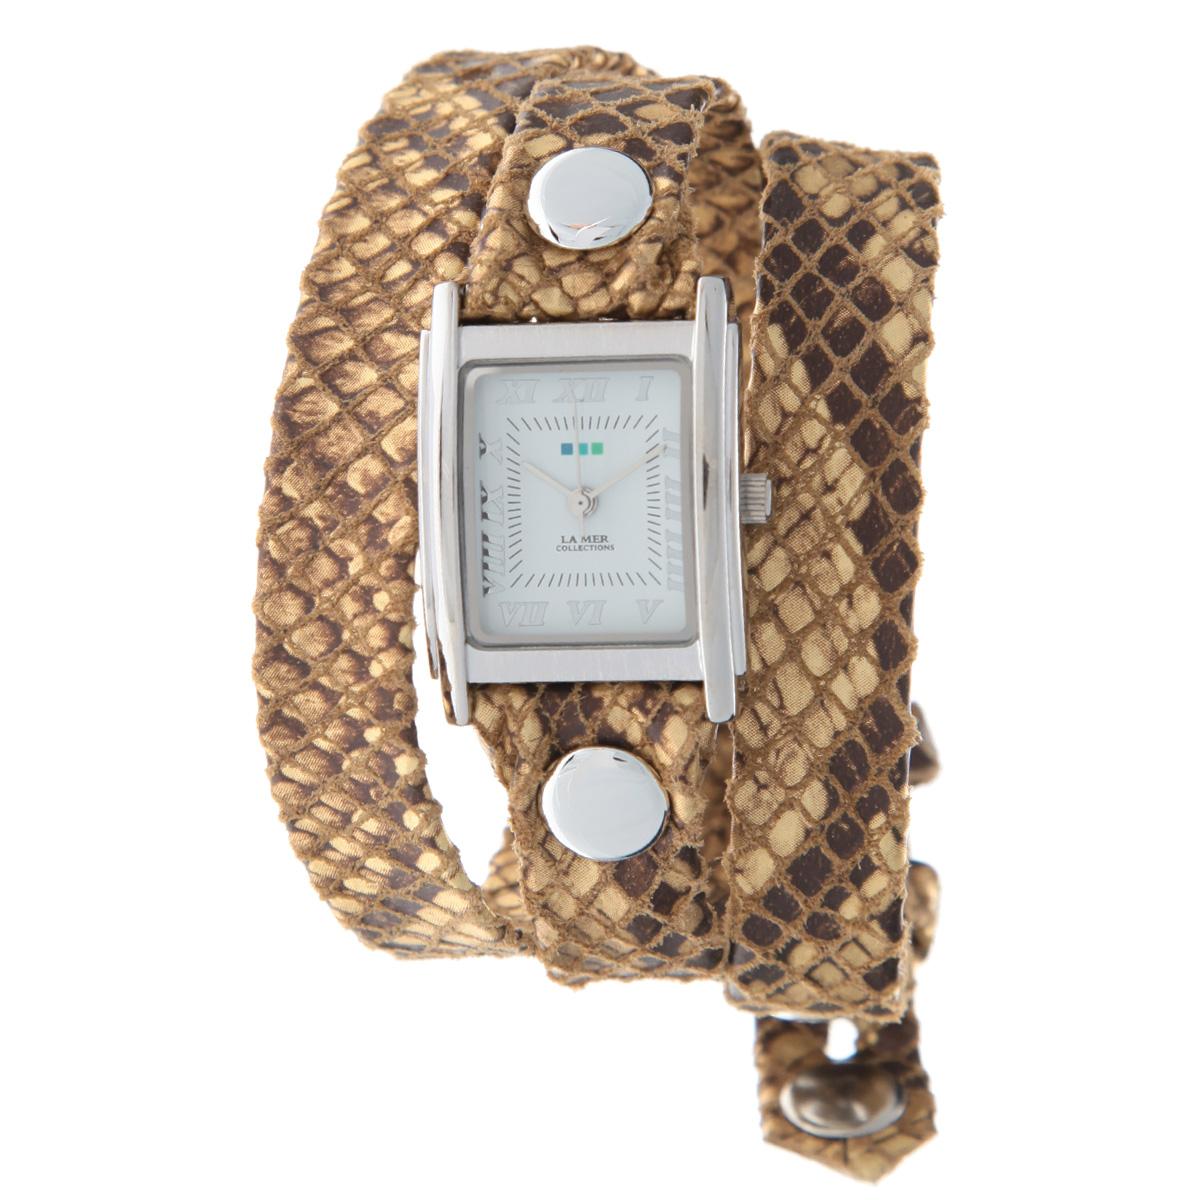 Часы наручные женские La Mer Collections Simple Cobra Snake. LMSTW6000xLMSTW6000xЖенские наручные часы  La Mer Collections позволят вам выделиться из толпы и подчеркнуть свою индивидуальность. Часы оснащены японским кварцевым механизмом Seiko. Ремешок выполнен из натуральной итальянской замши и декорирован металлическими заклепками и принтом под змеиную кожу. Корпус часов изготовлен из сплава металлов, серебристого цвета. Циферблат оснащен часовой, минутной и секундной стрелками и защищен минеральным стеклом. Часы застегиваются на классическую застежку. Часы хранятся на специальной подушечке в футляре из искусственной кожи, крышка которого оформлена логотипом компании La Mer Collection. Характеристики: Размер циферблата: 25 х 23 х 8 мм. Размер ремешка: 550 х 13 мм. Не содержат никель. Не водостойкие. Собираются вручную в США.